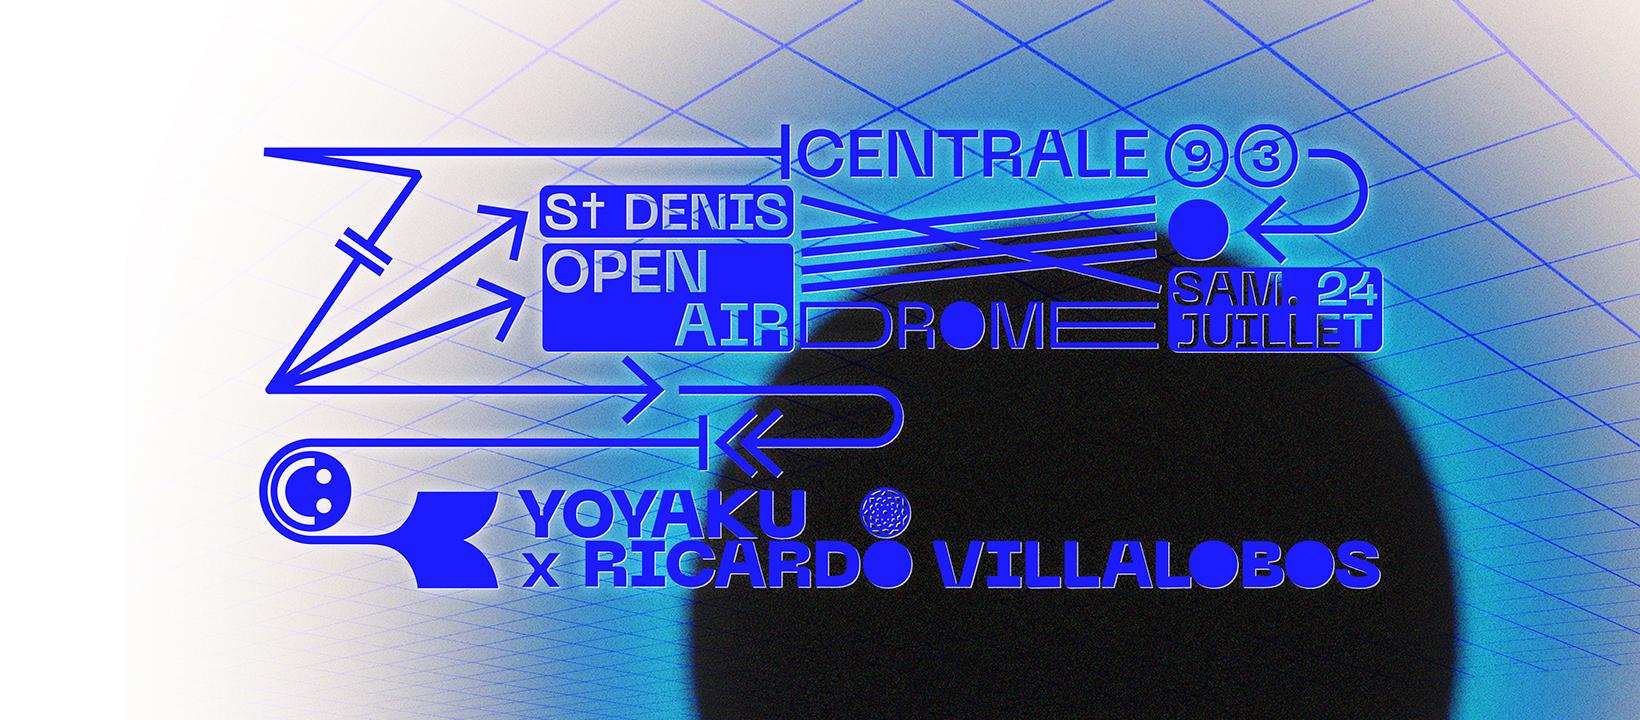 Yoyaku Airdrome : Ricardo Villalobos & Yoyaku All Stars